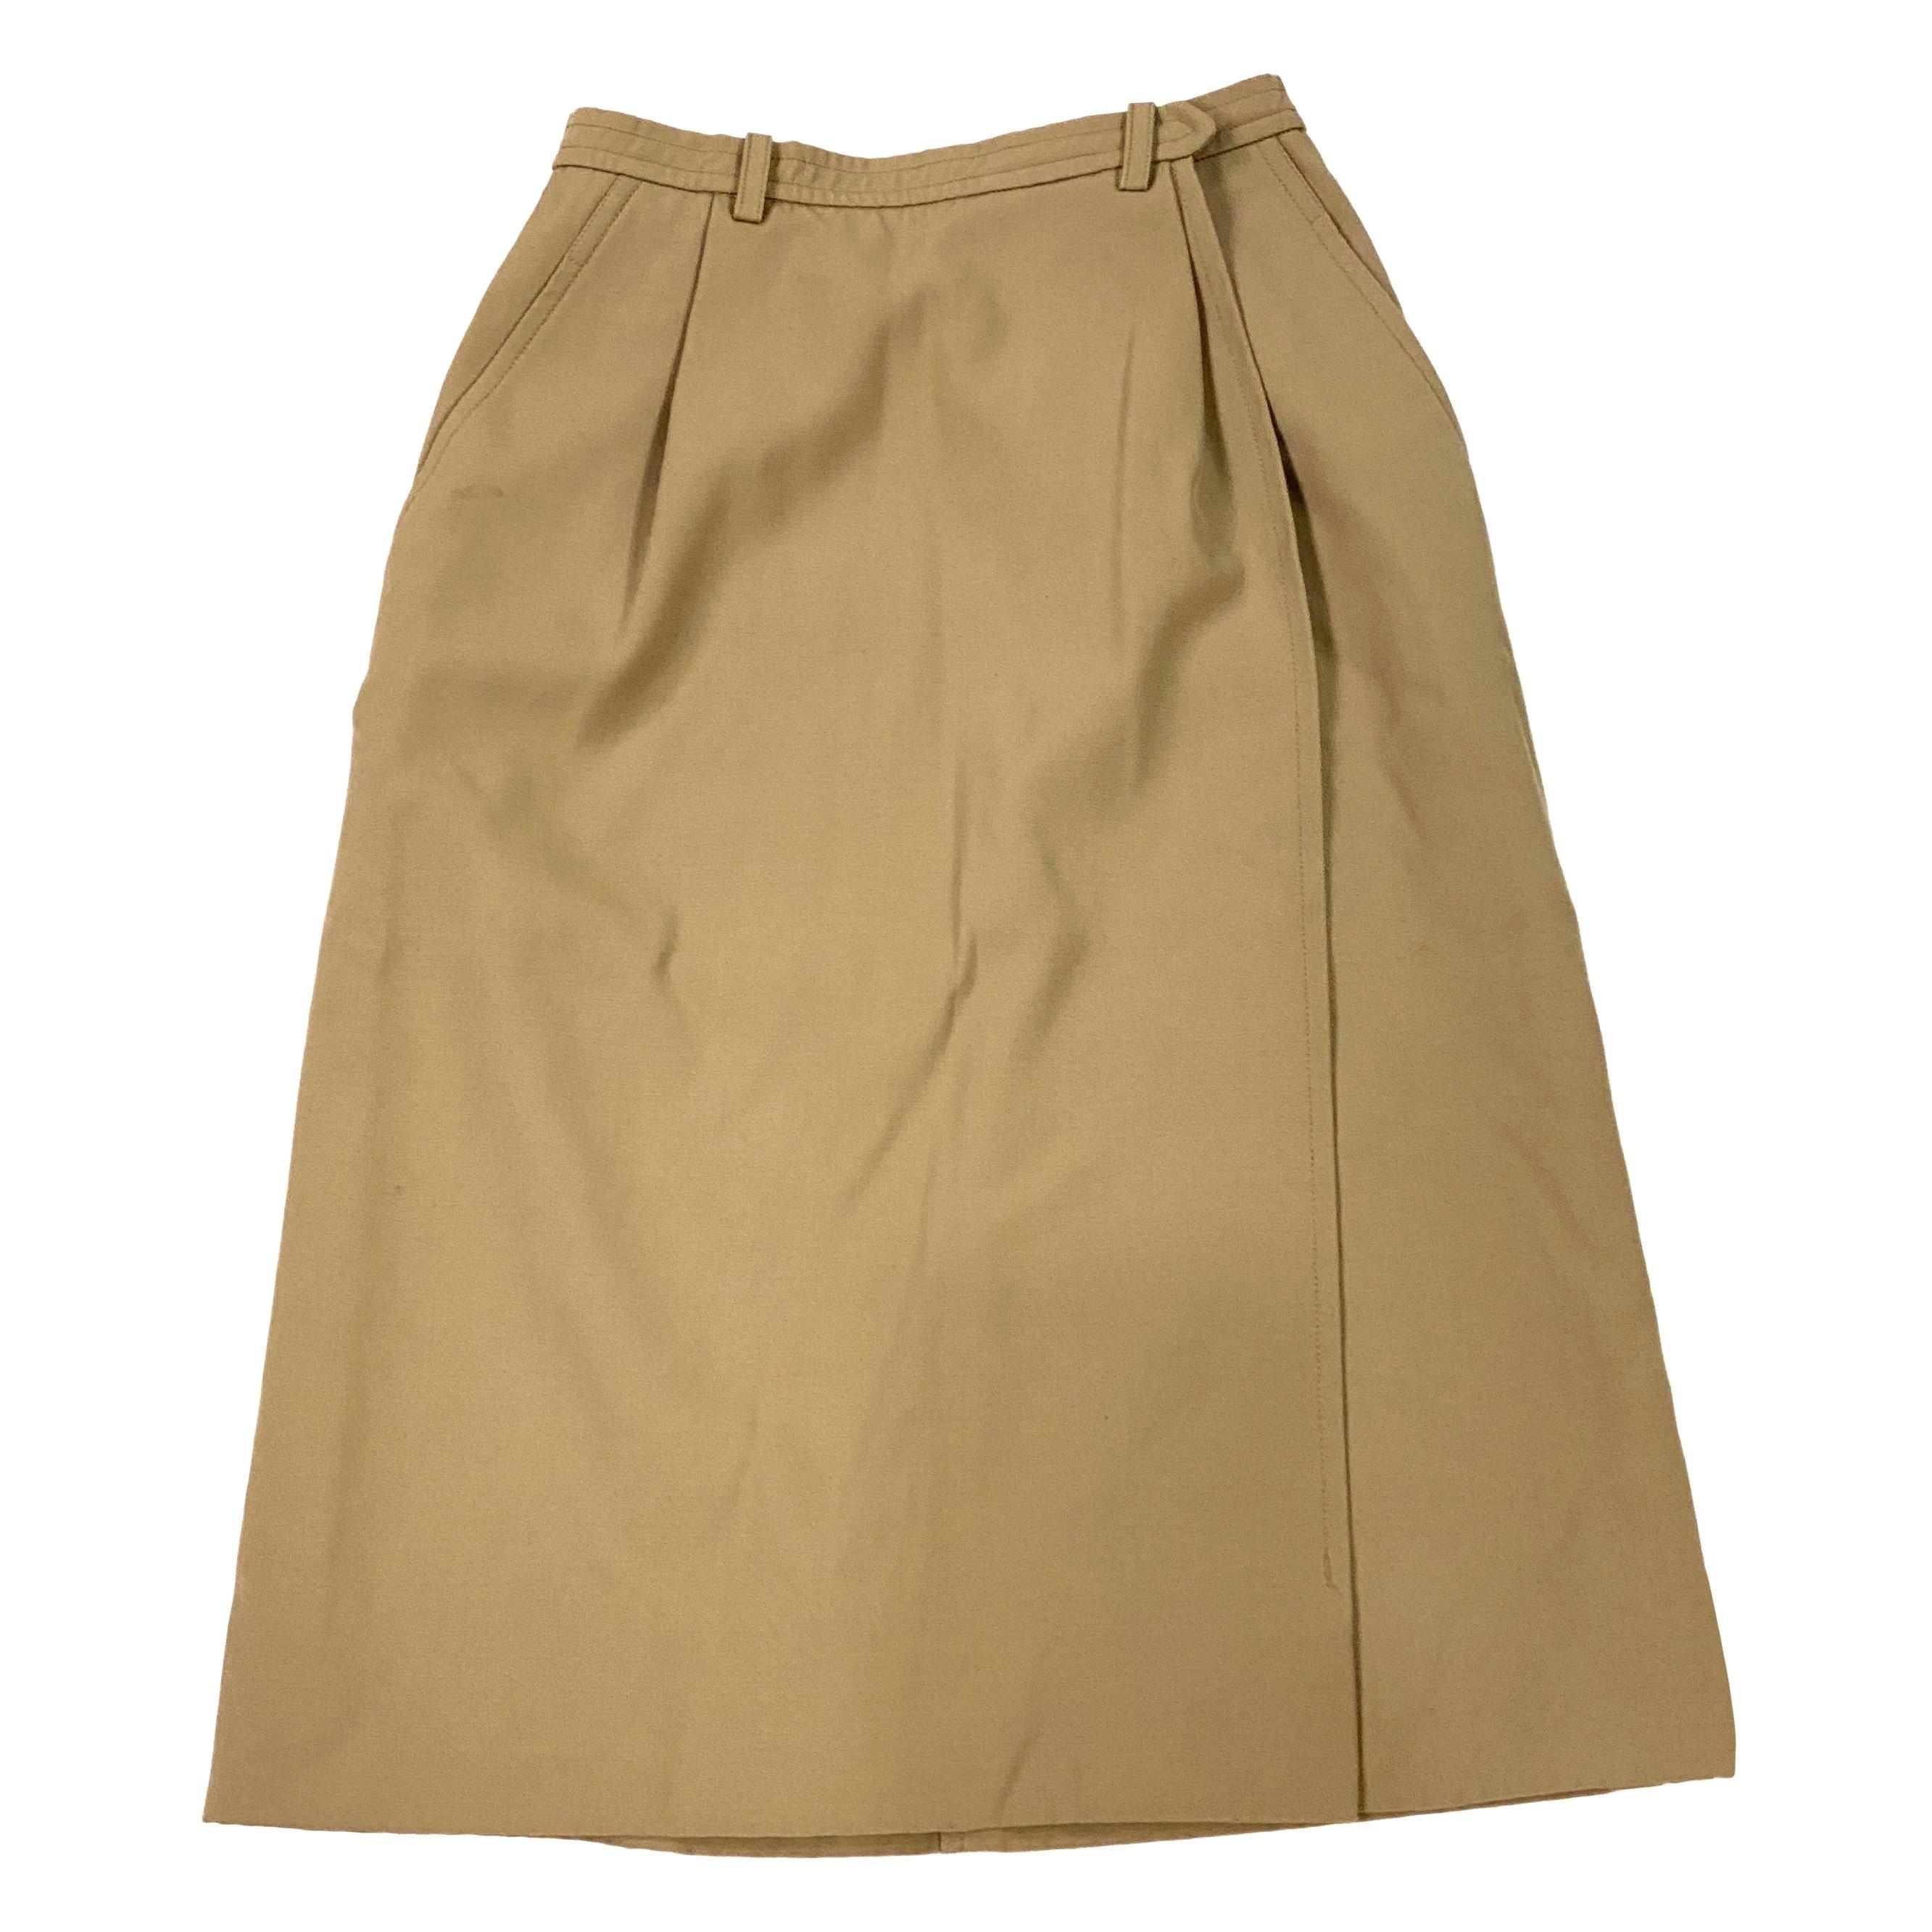 Yves Saint Laurent Rive Gauche Paris Brown Skirt, Size 36